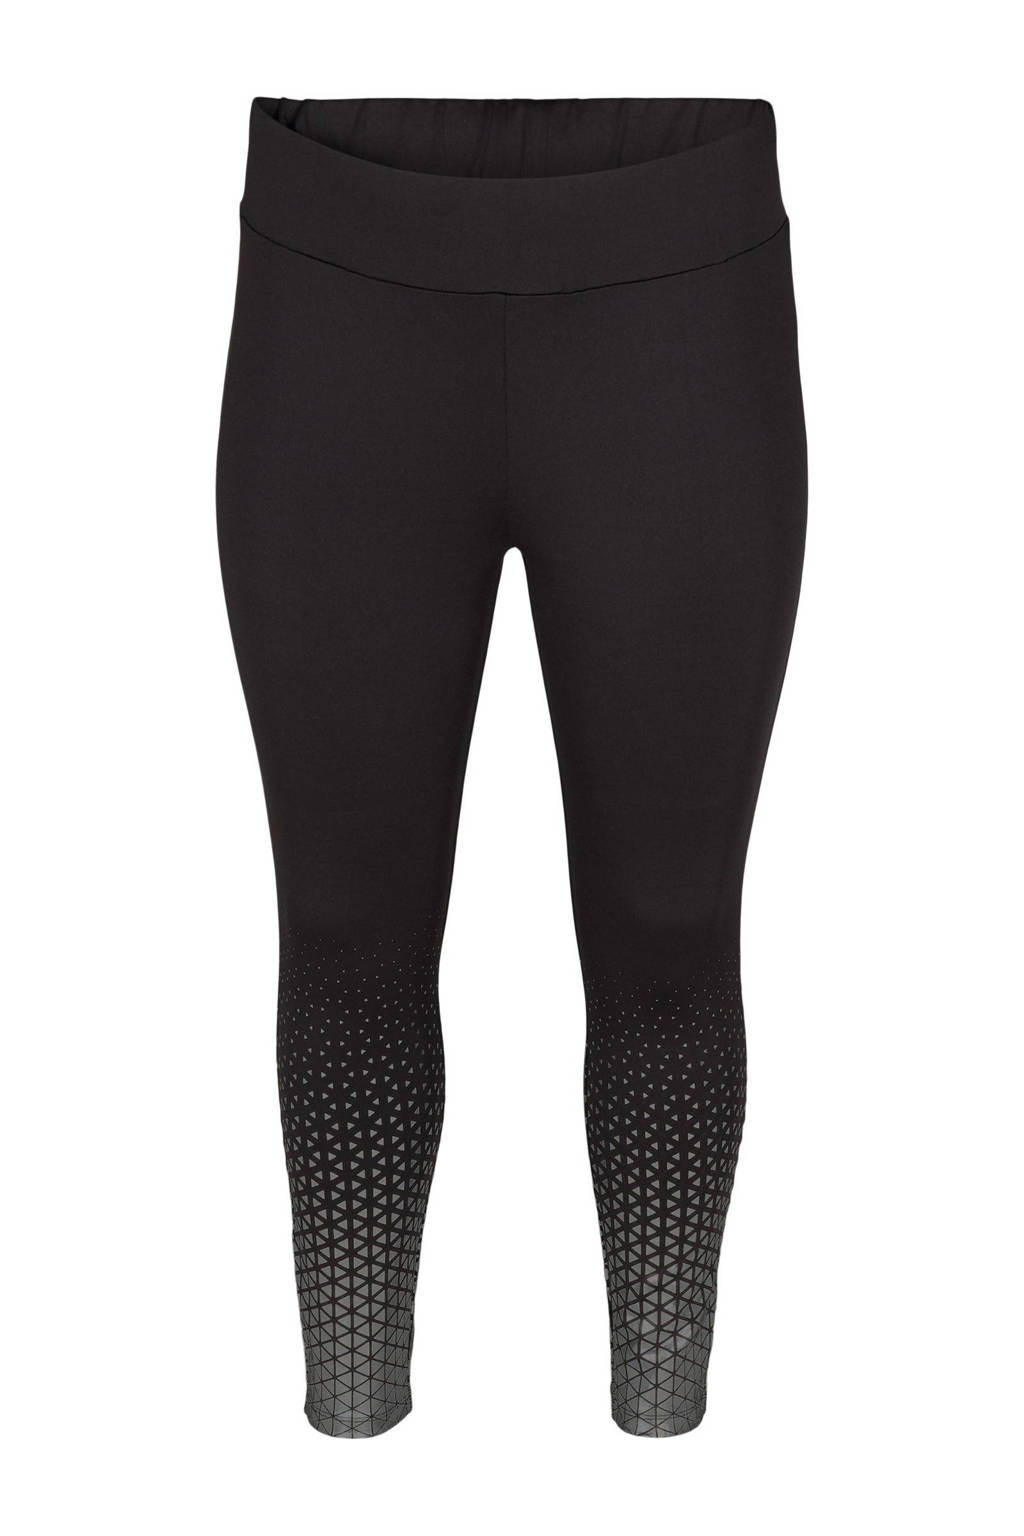 ACTIVE By Zizzi Plus Size 7/8 sportlegging zwart/zilver, Zwart/zilver